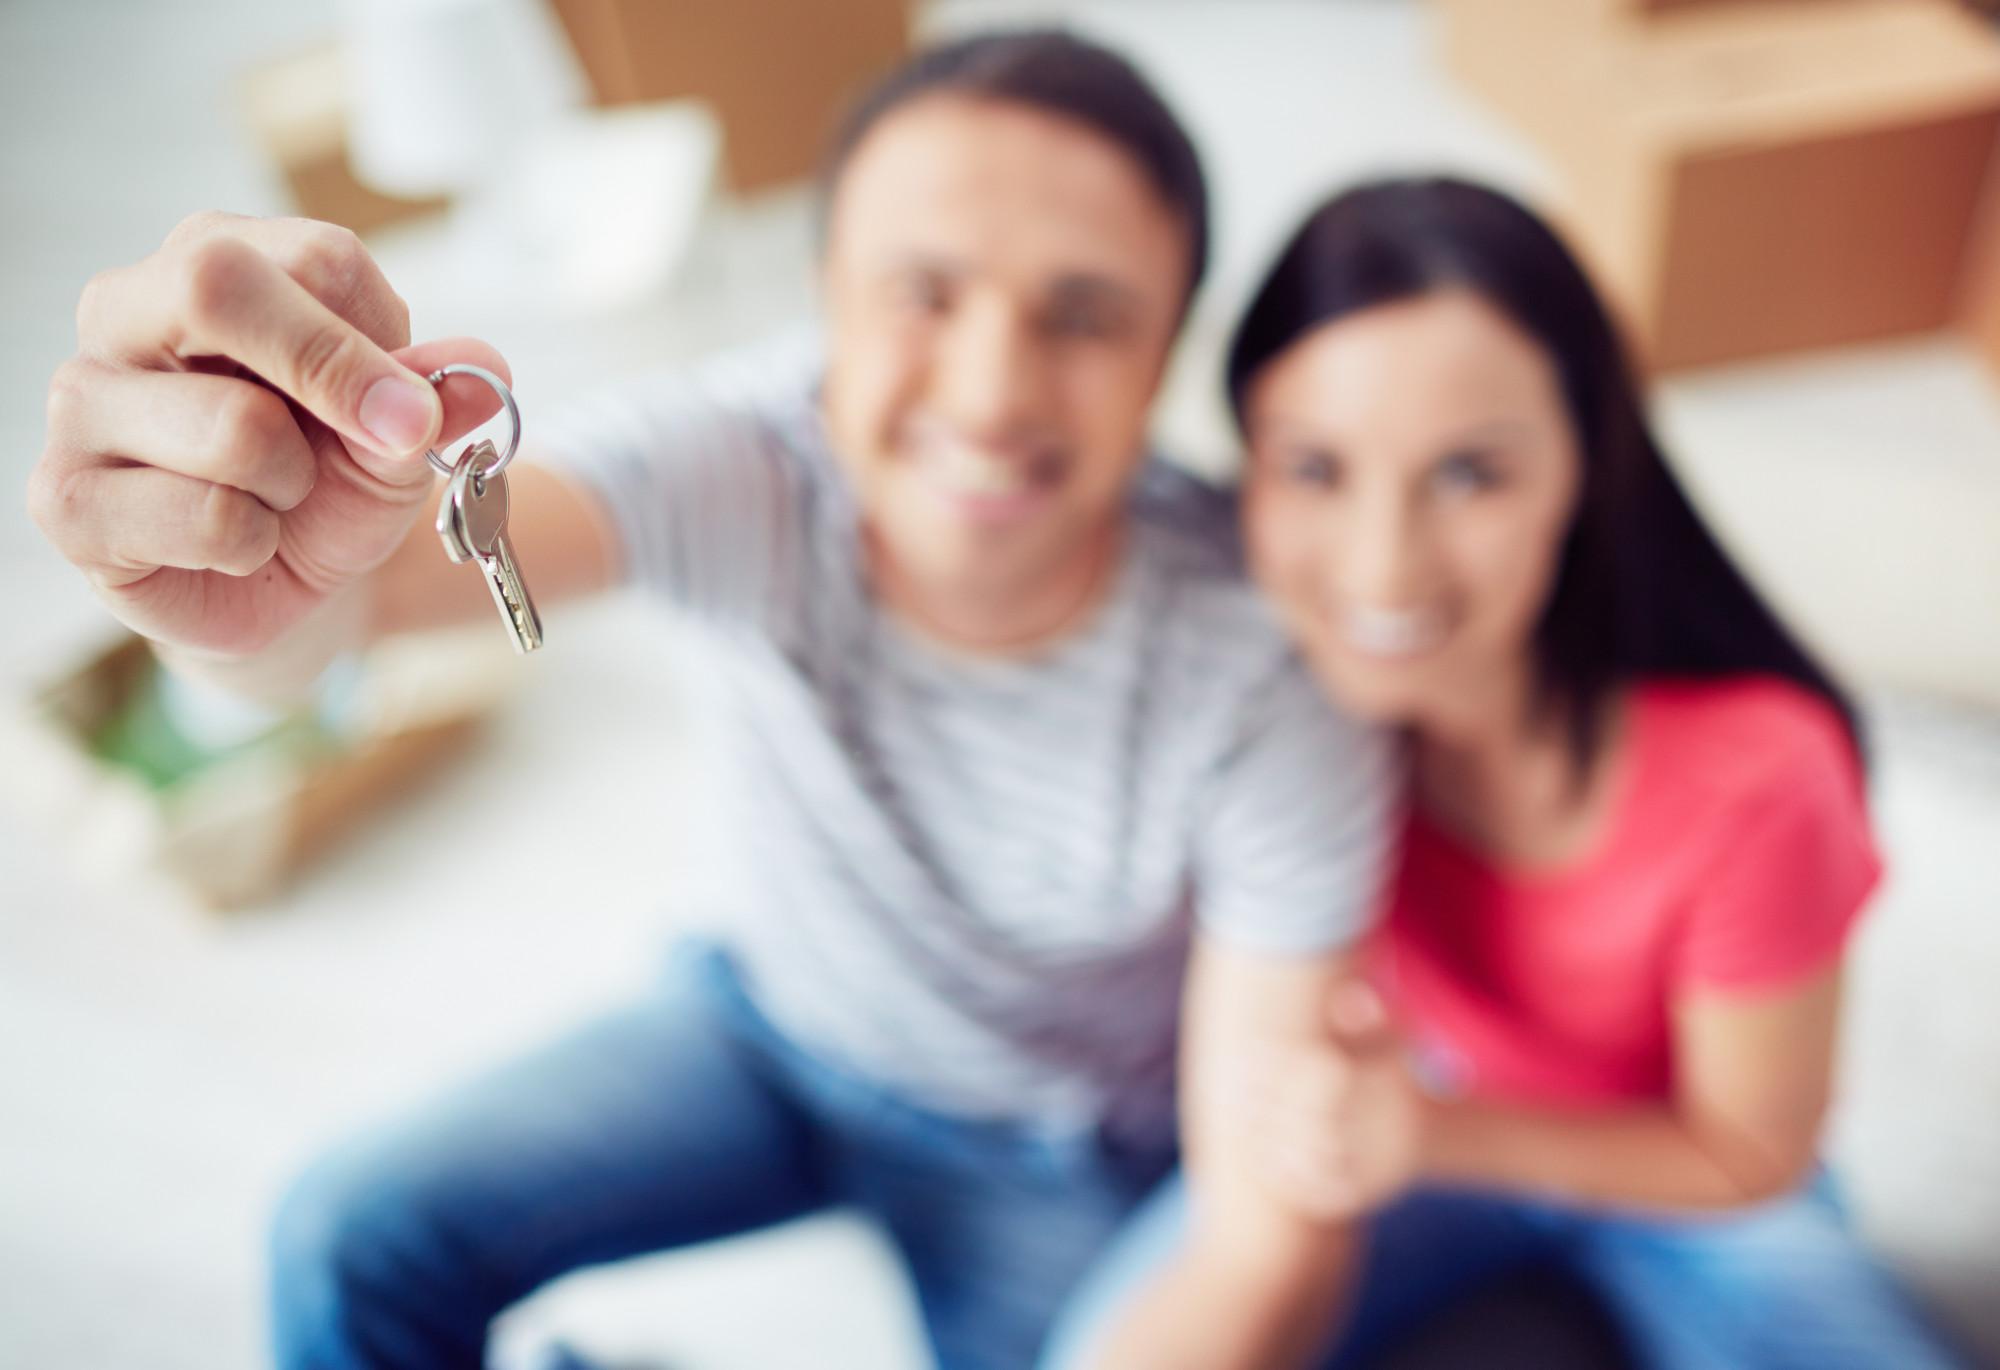 Candidaturas ao Porta 65 arrancam em abril - guia das ajudas ao arrendamento jovem